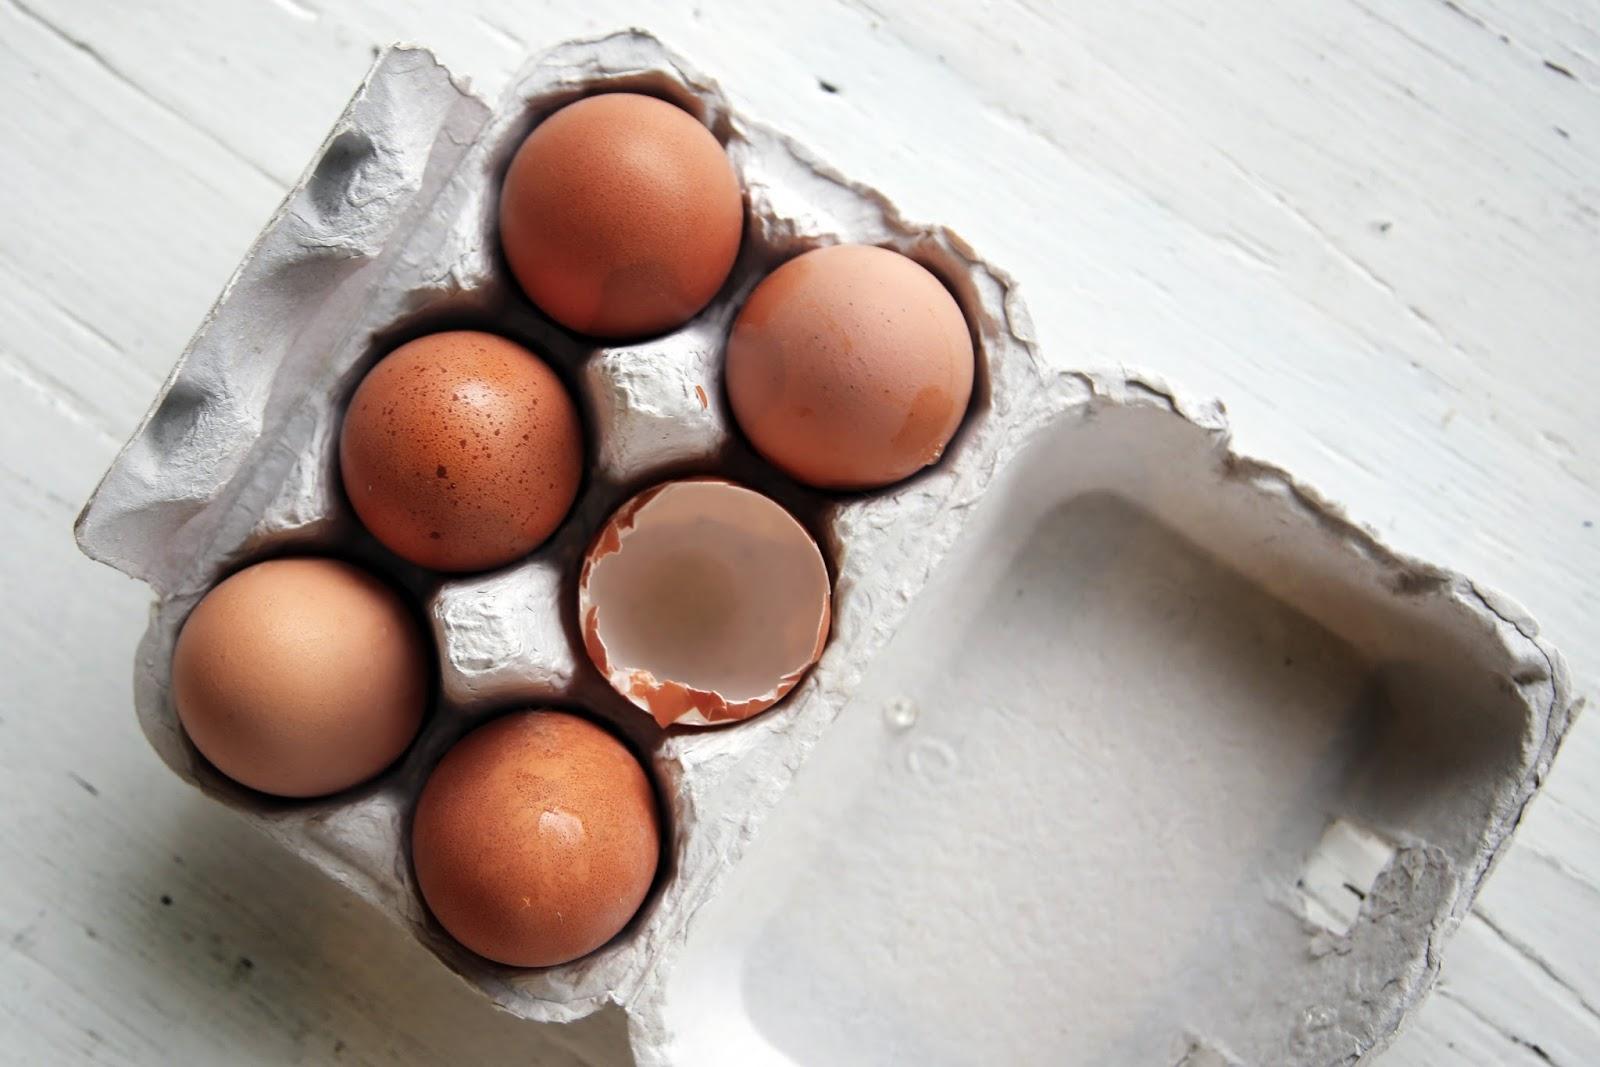 Zamienniki jajek | Czym możemy zastąpić jajka w wypiekach